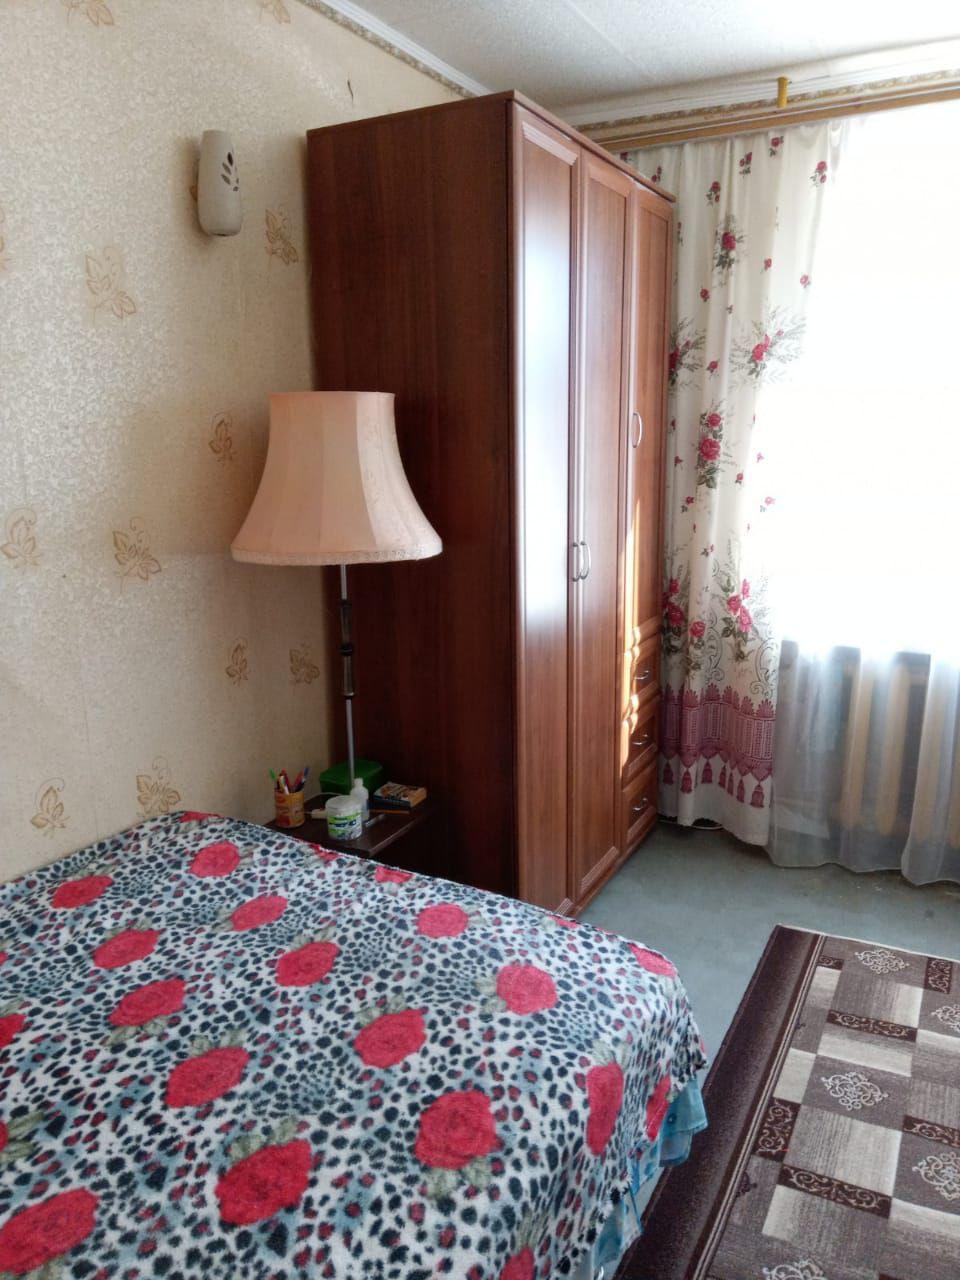 1(4) Колпино, ул. Загородная 62   2/9  13м2 с мебелью, отличными МОП и хорошими соседями